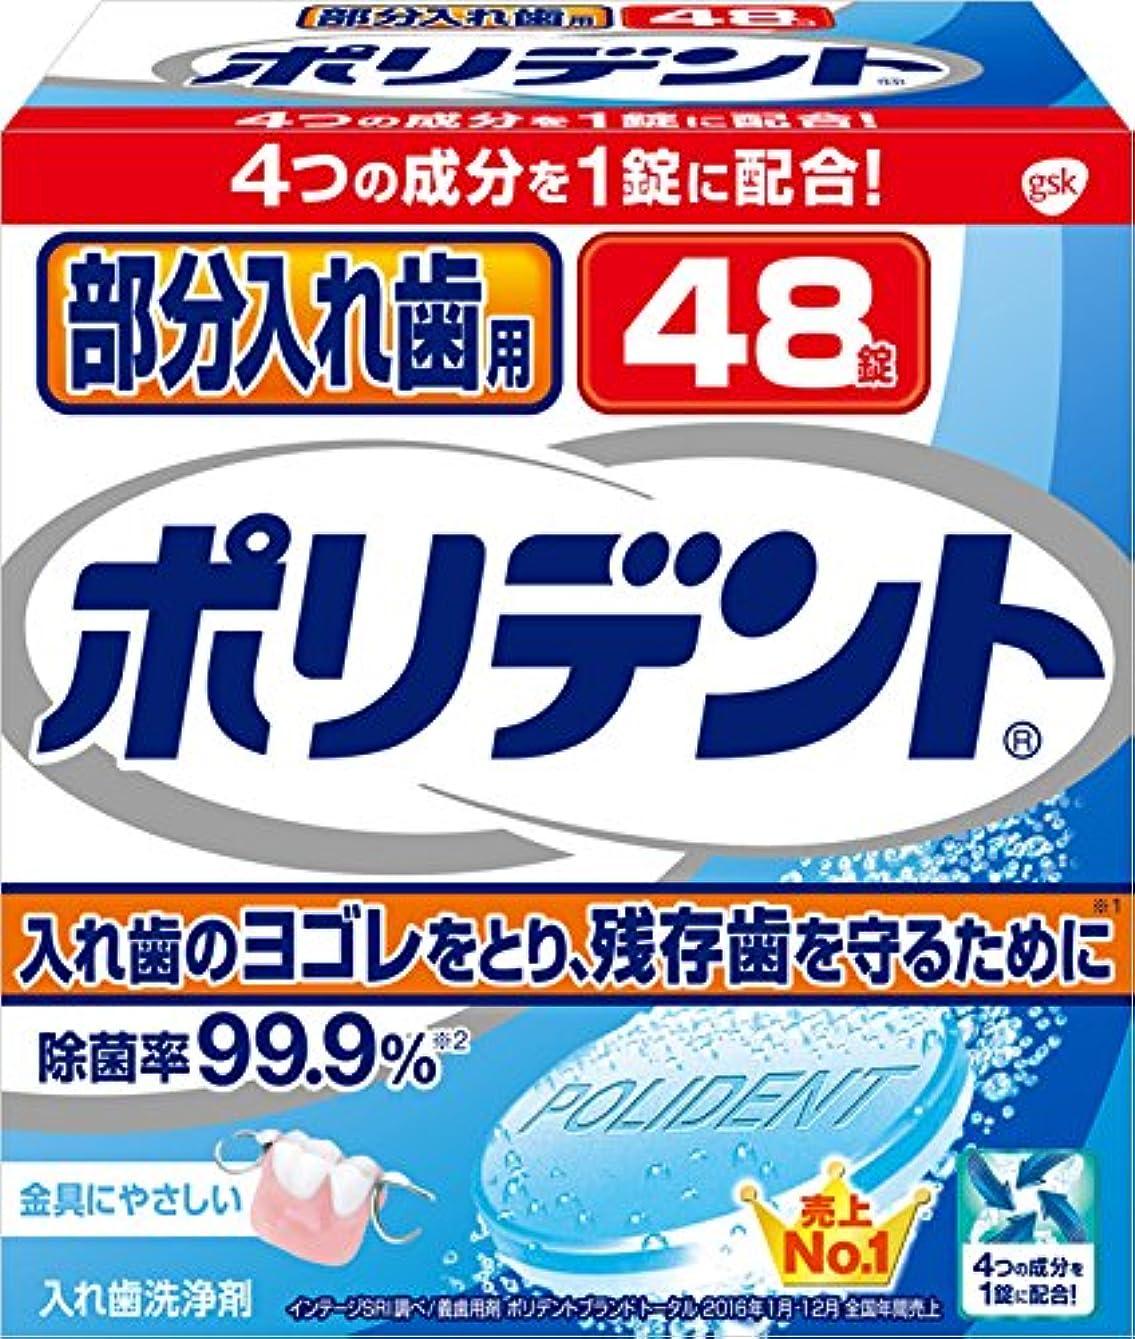 冷ややかな枕マット入れ歯洗浄剤 部分入れ歯用 ポリデント 48錠